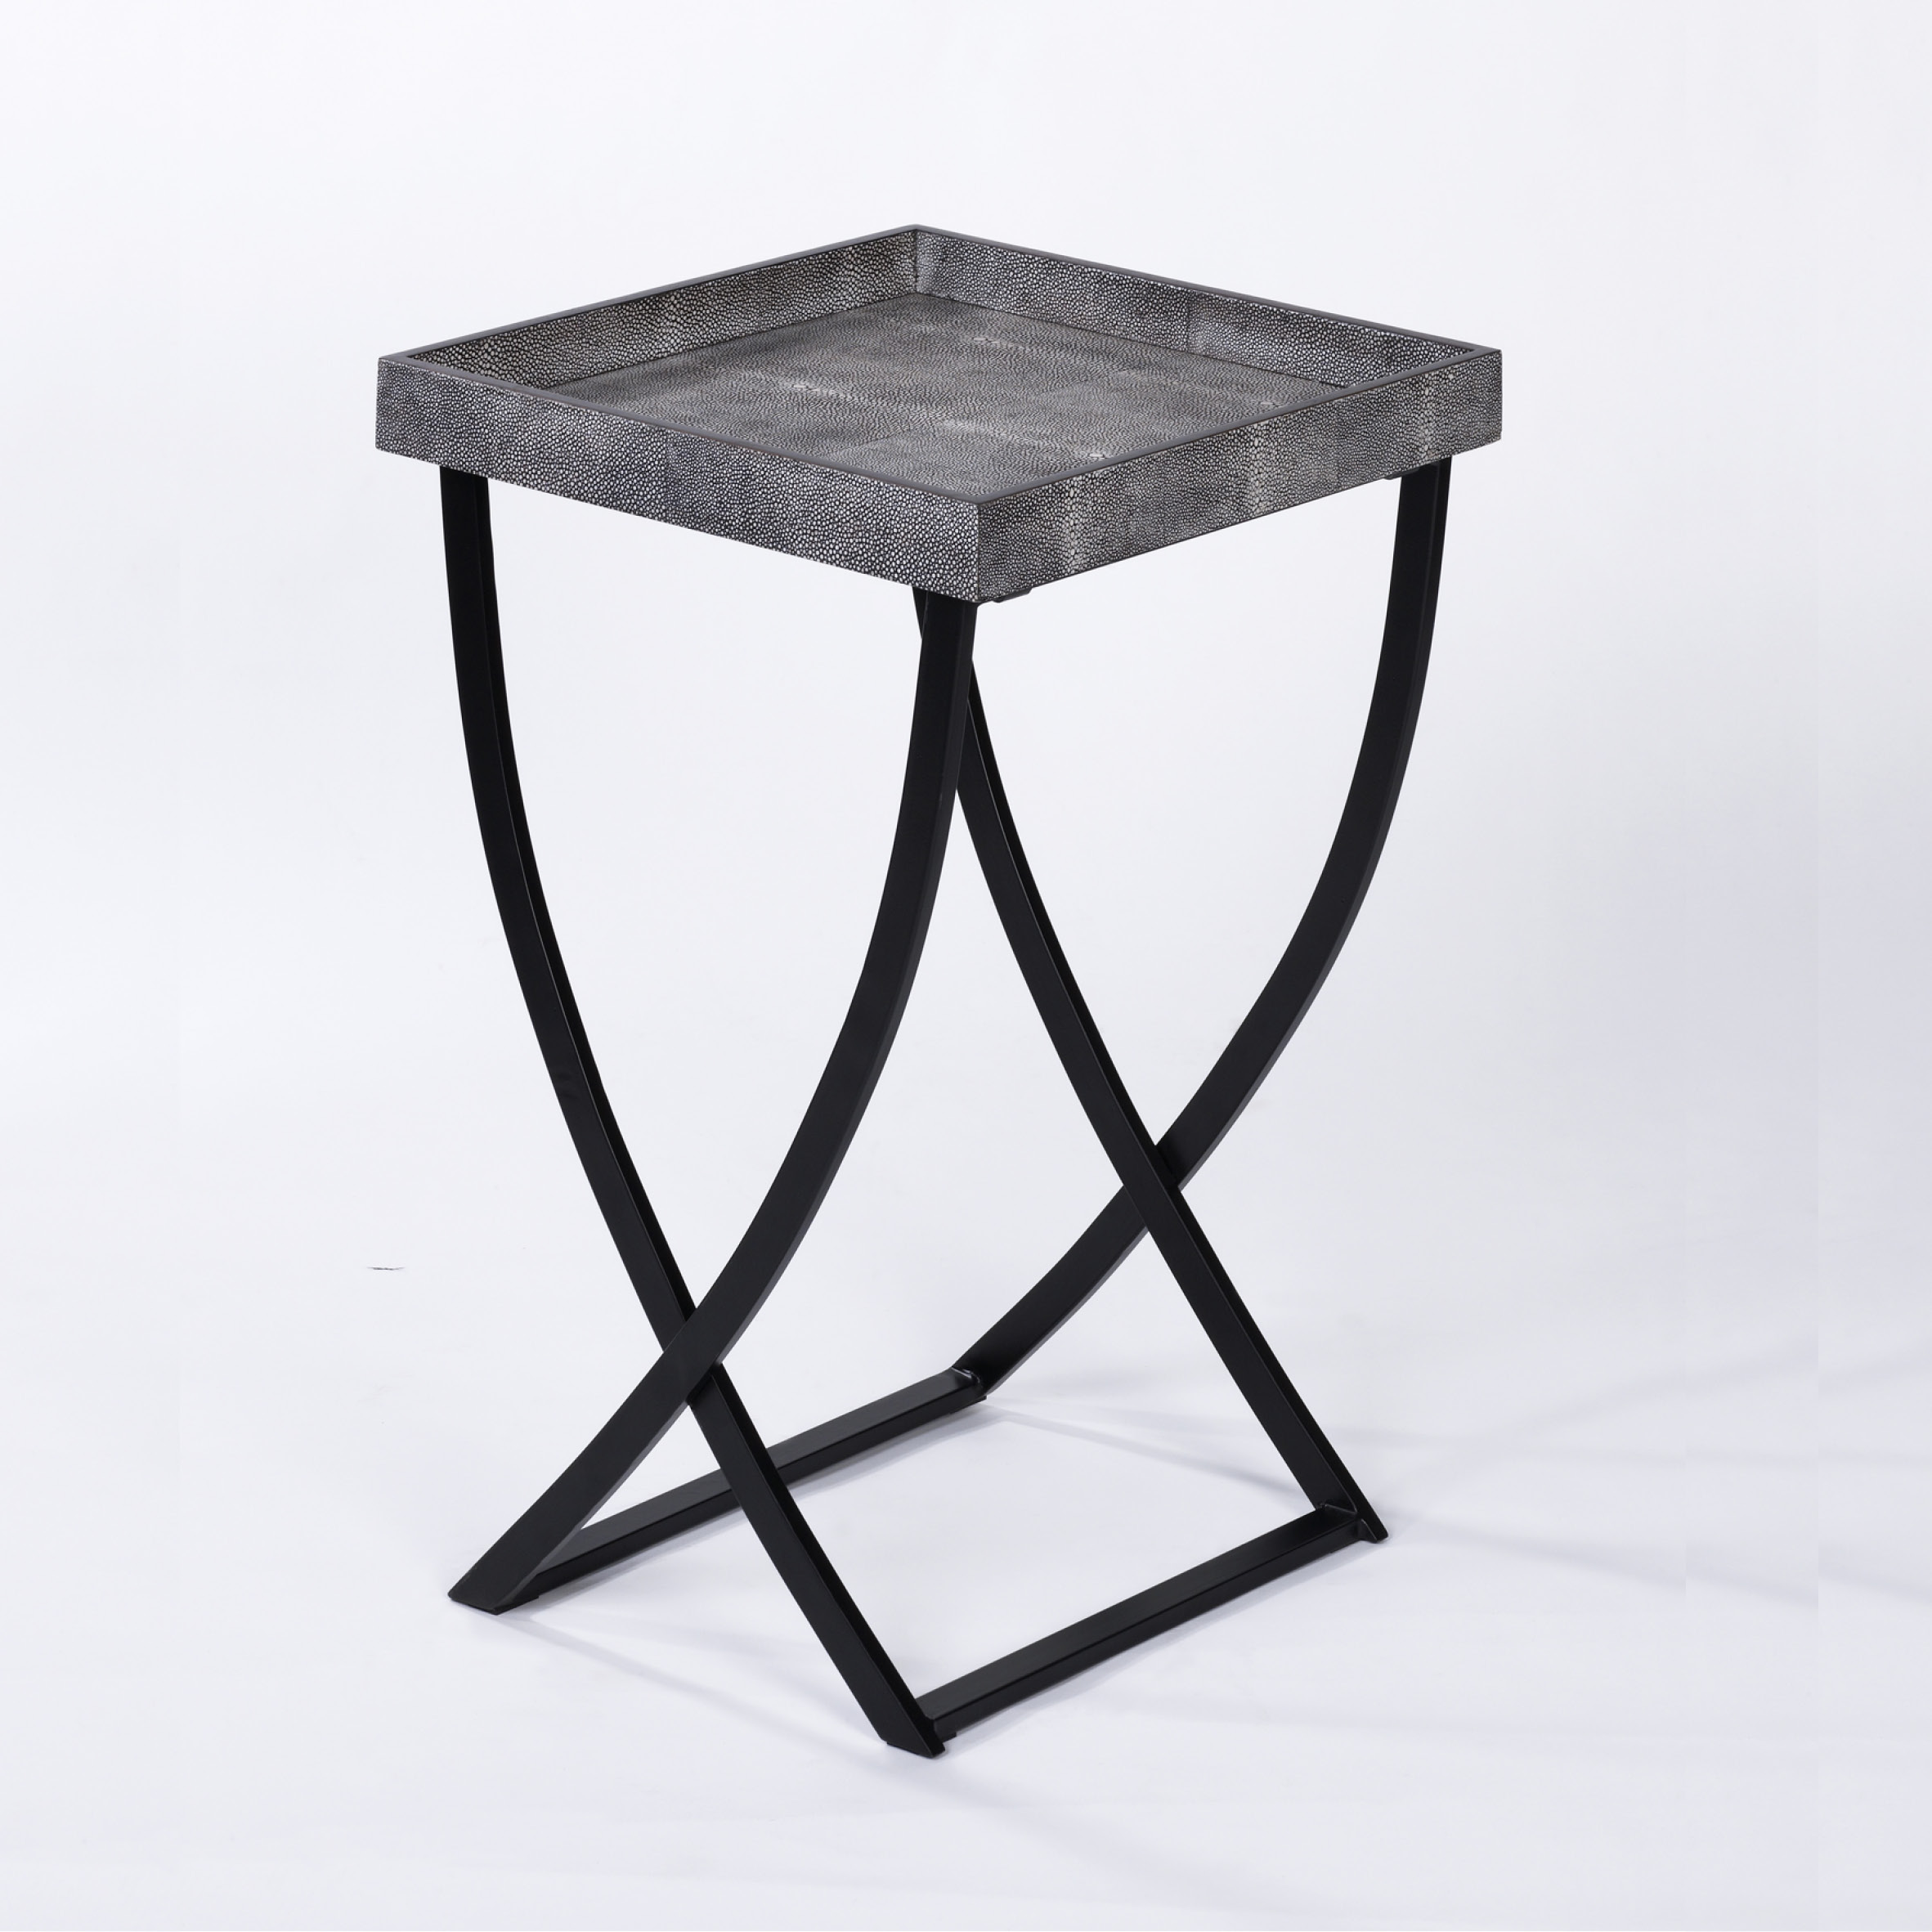 lambert tablett tisch spencer lambert querpass shop. Black Bedroom Furniture Sets. Home Design Ideas